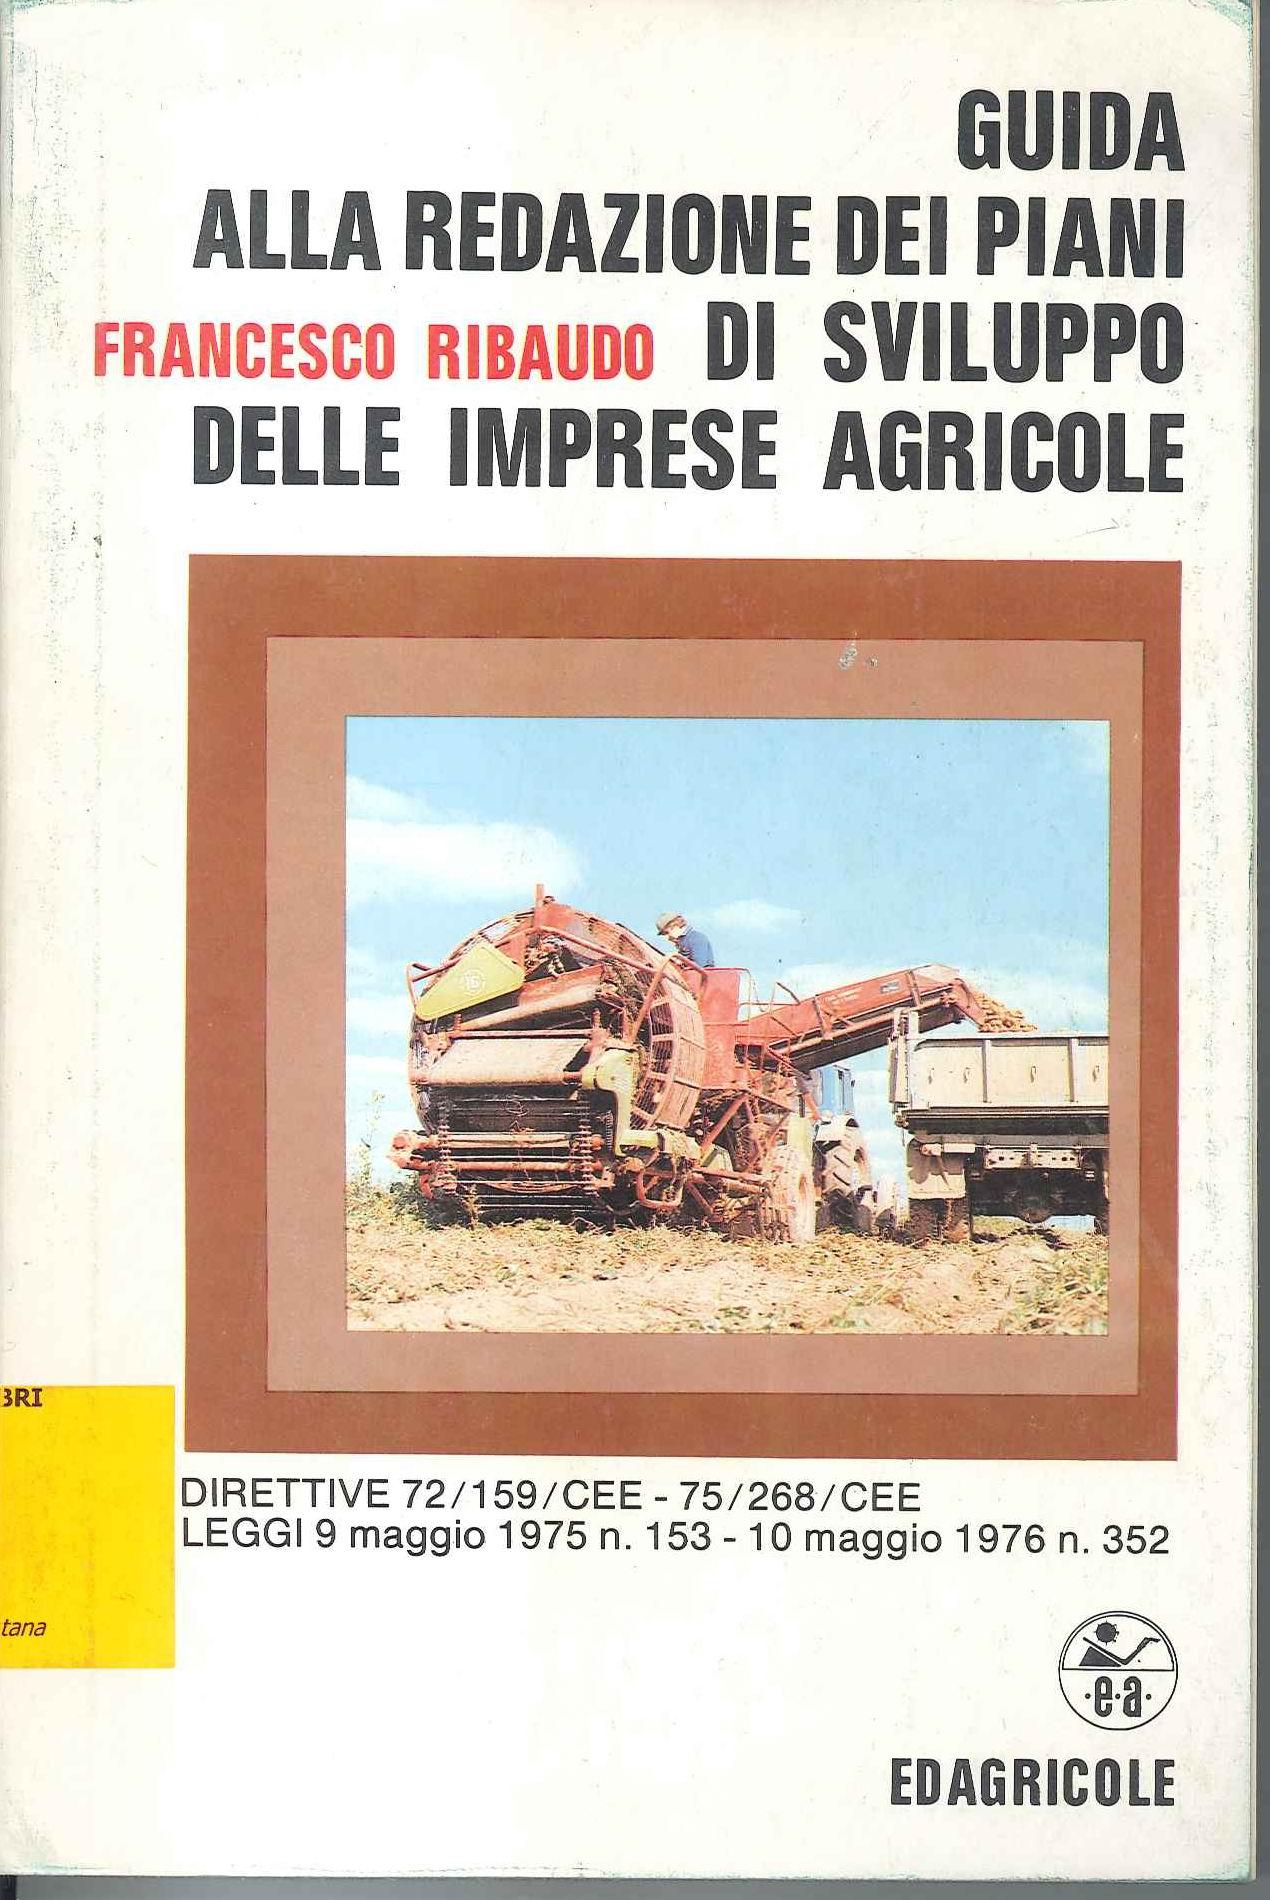 Guida alla redazione dei piani di sviluppo delle imprese agricole